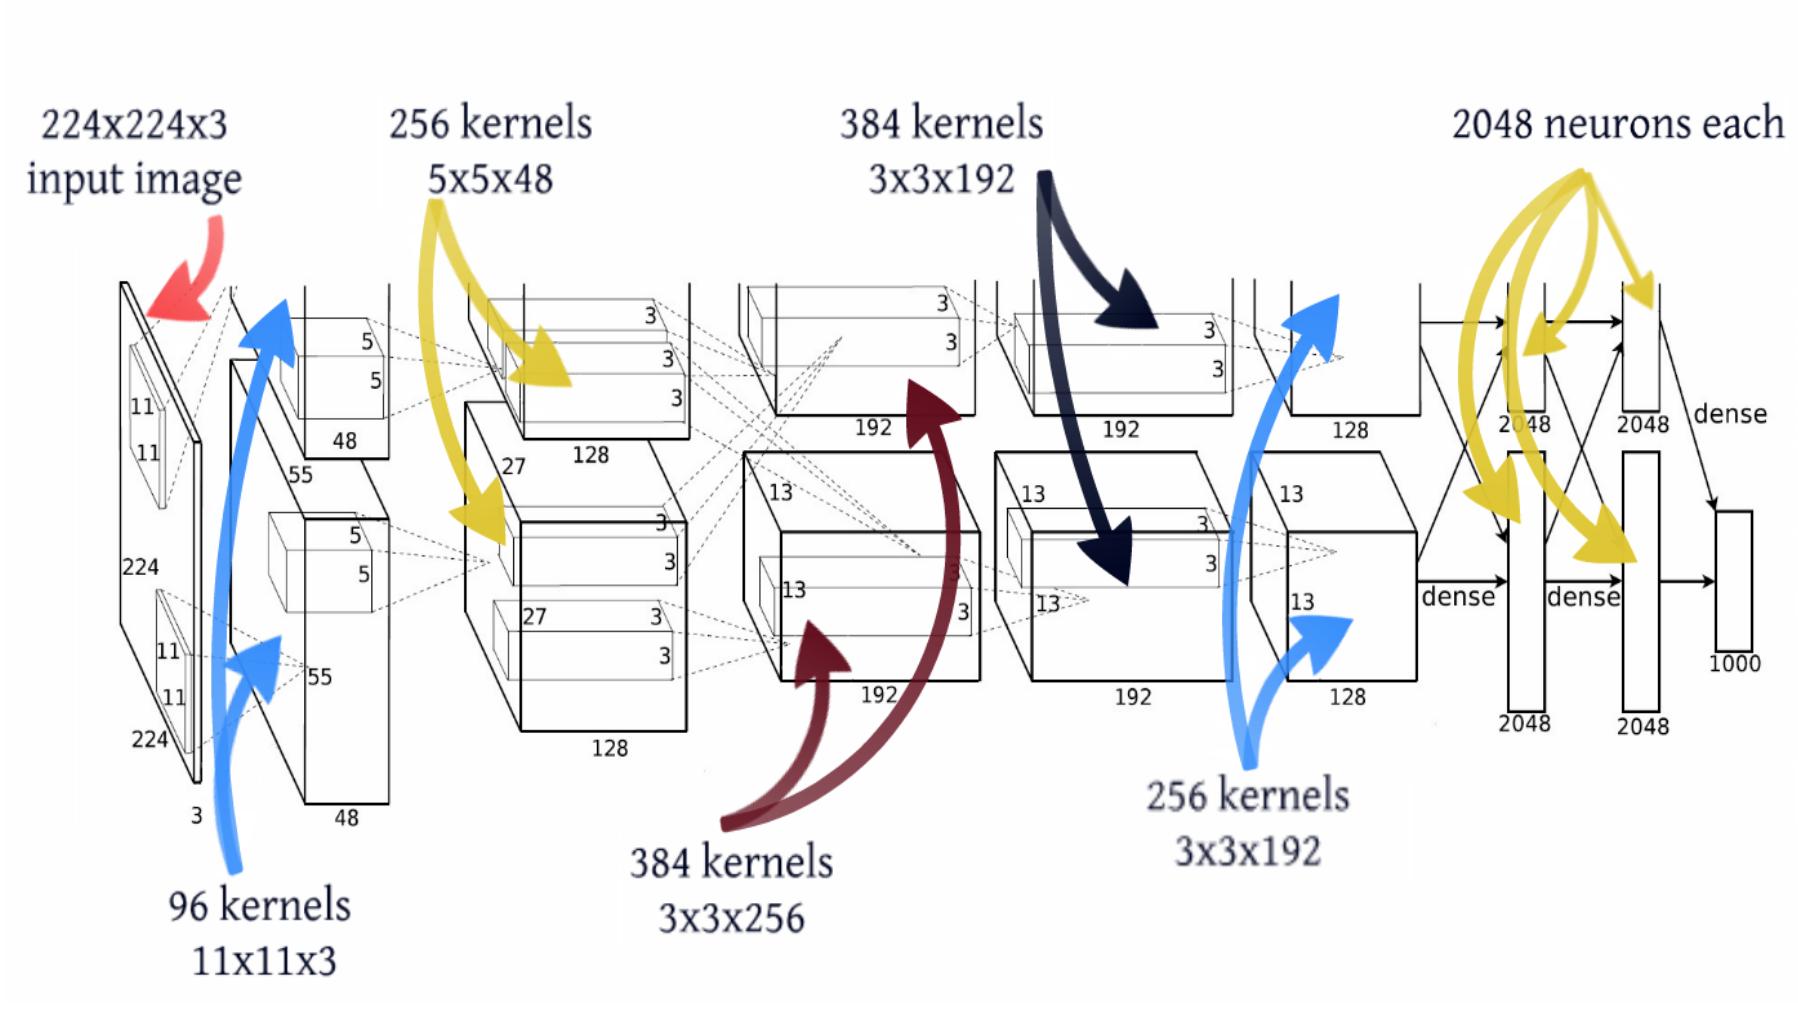 Обзор топологий глубоких сверточных нейронных сетей - 8